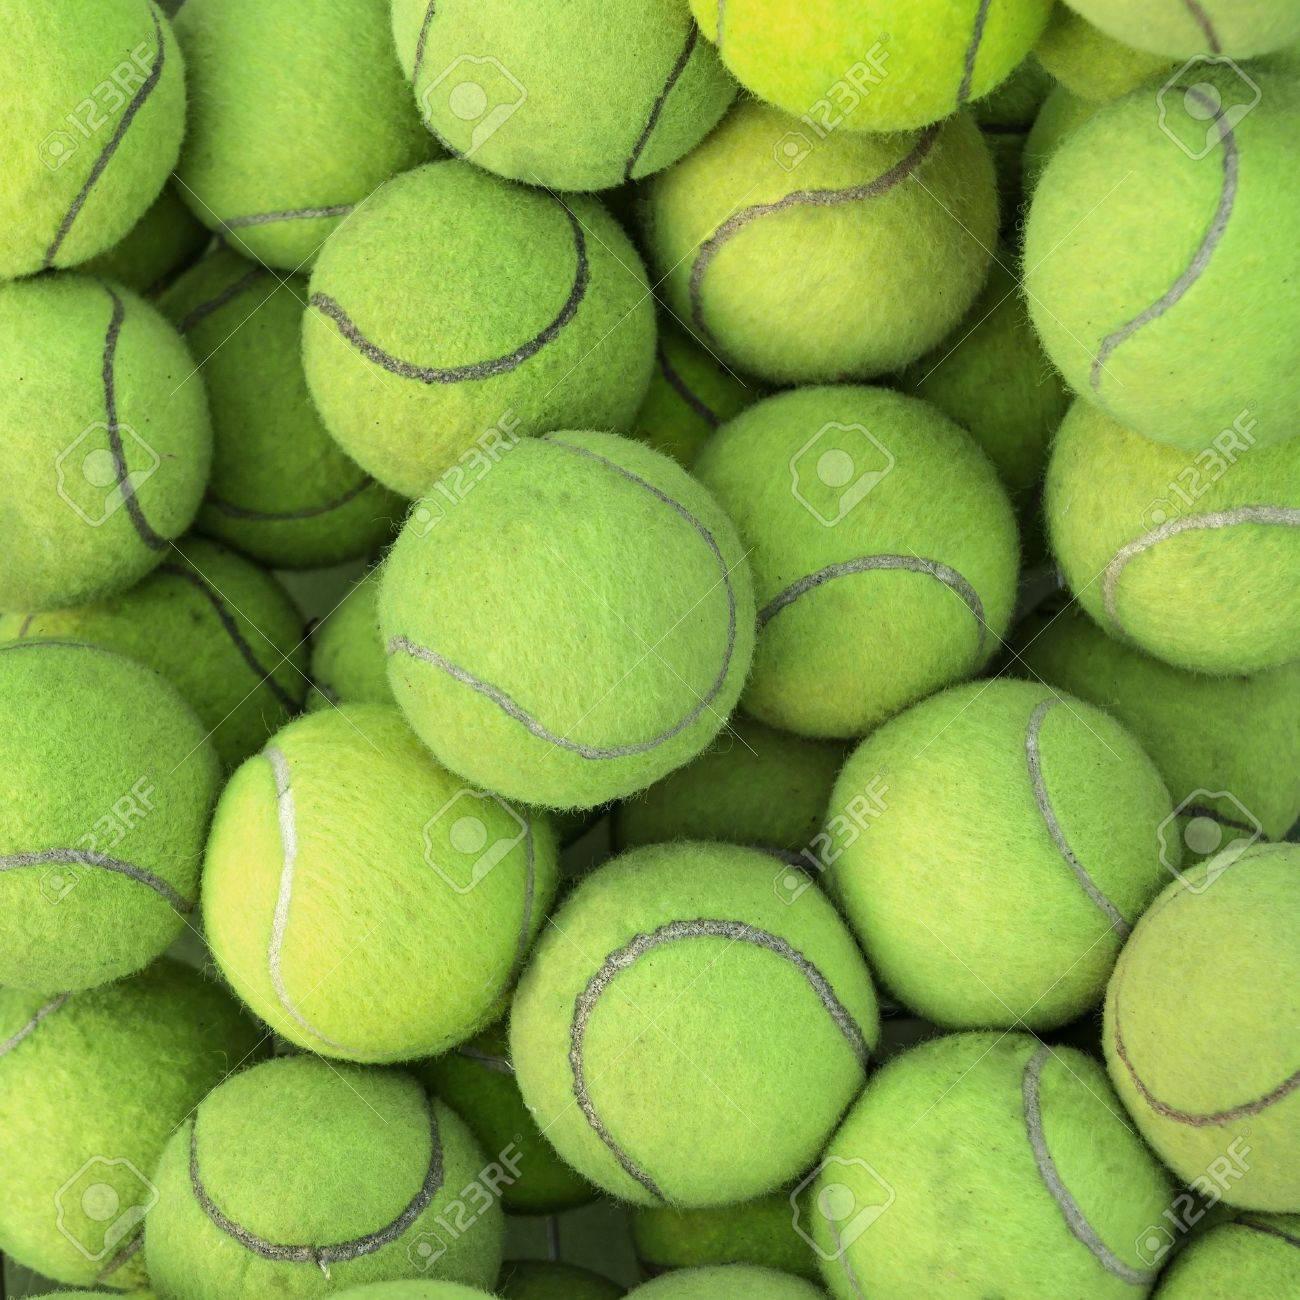 Tennis balls background texture - 16324991